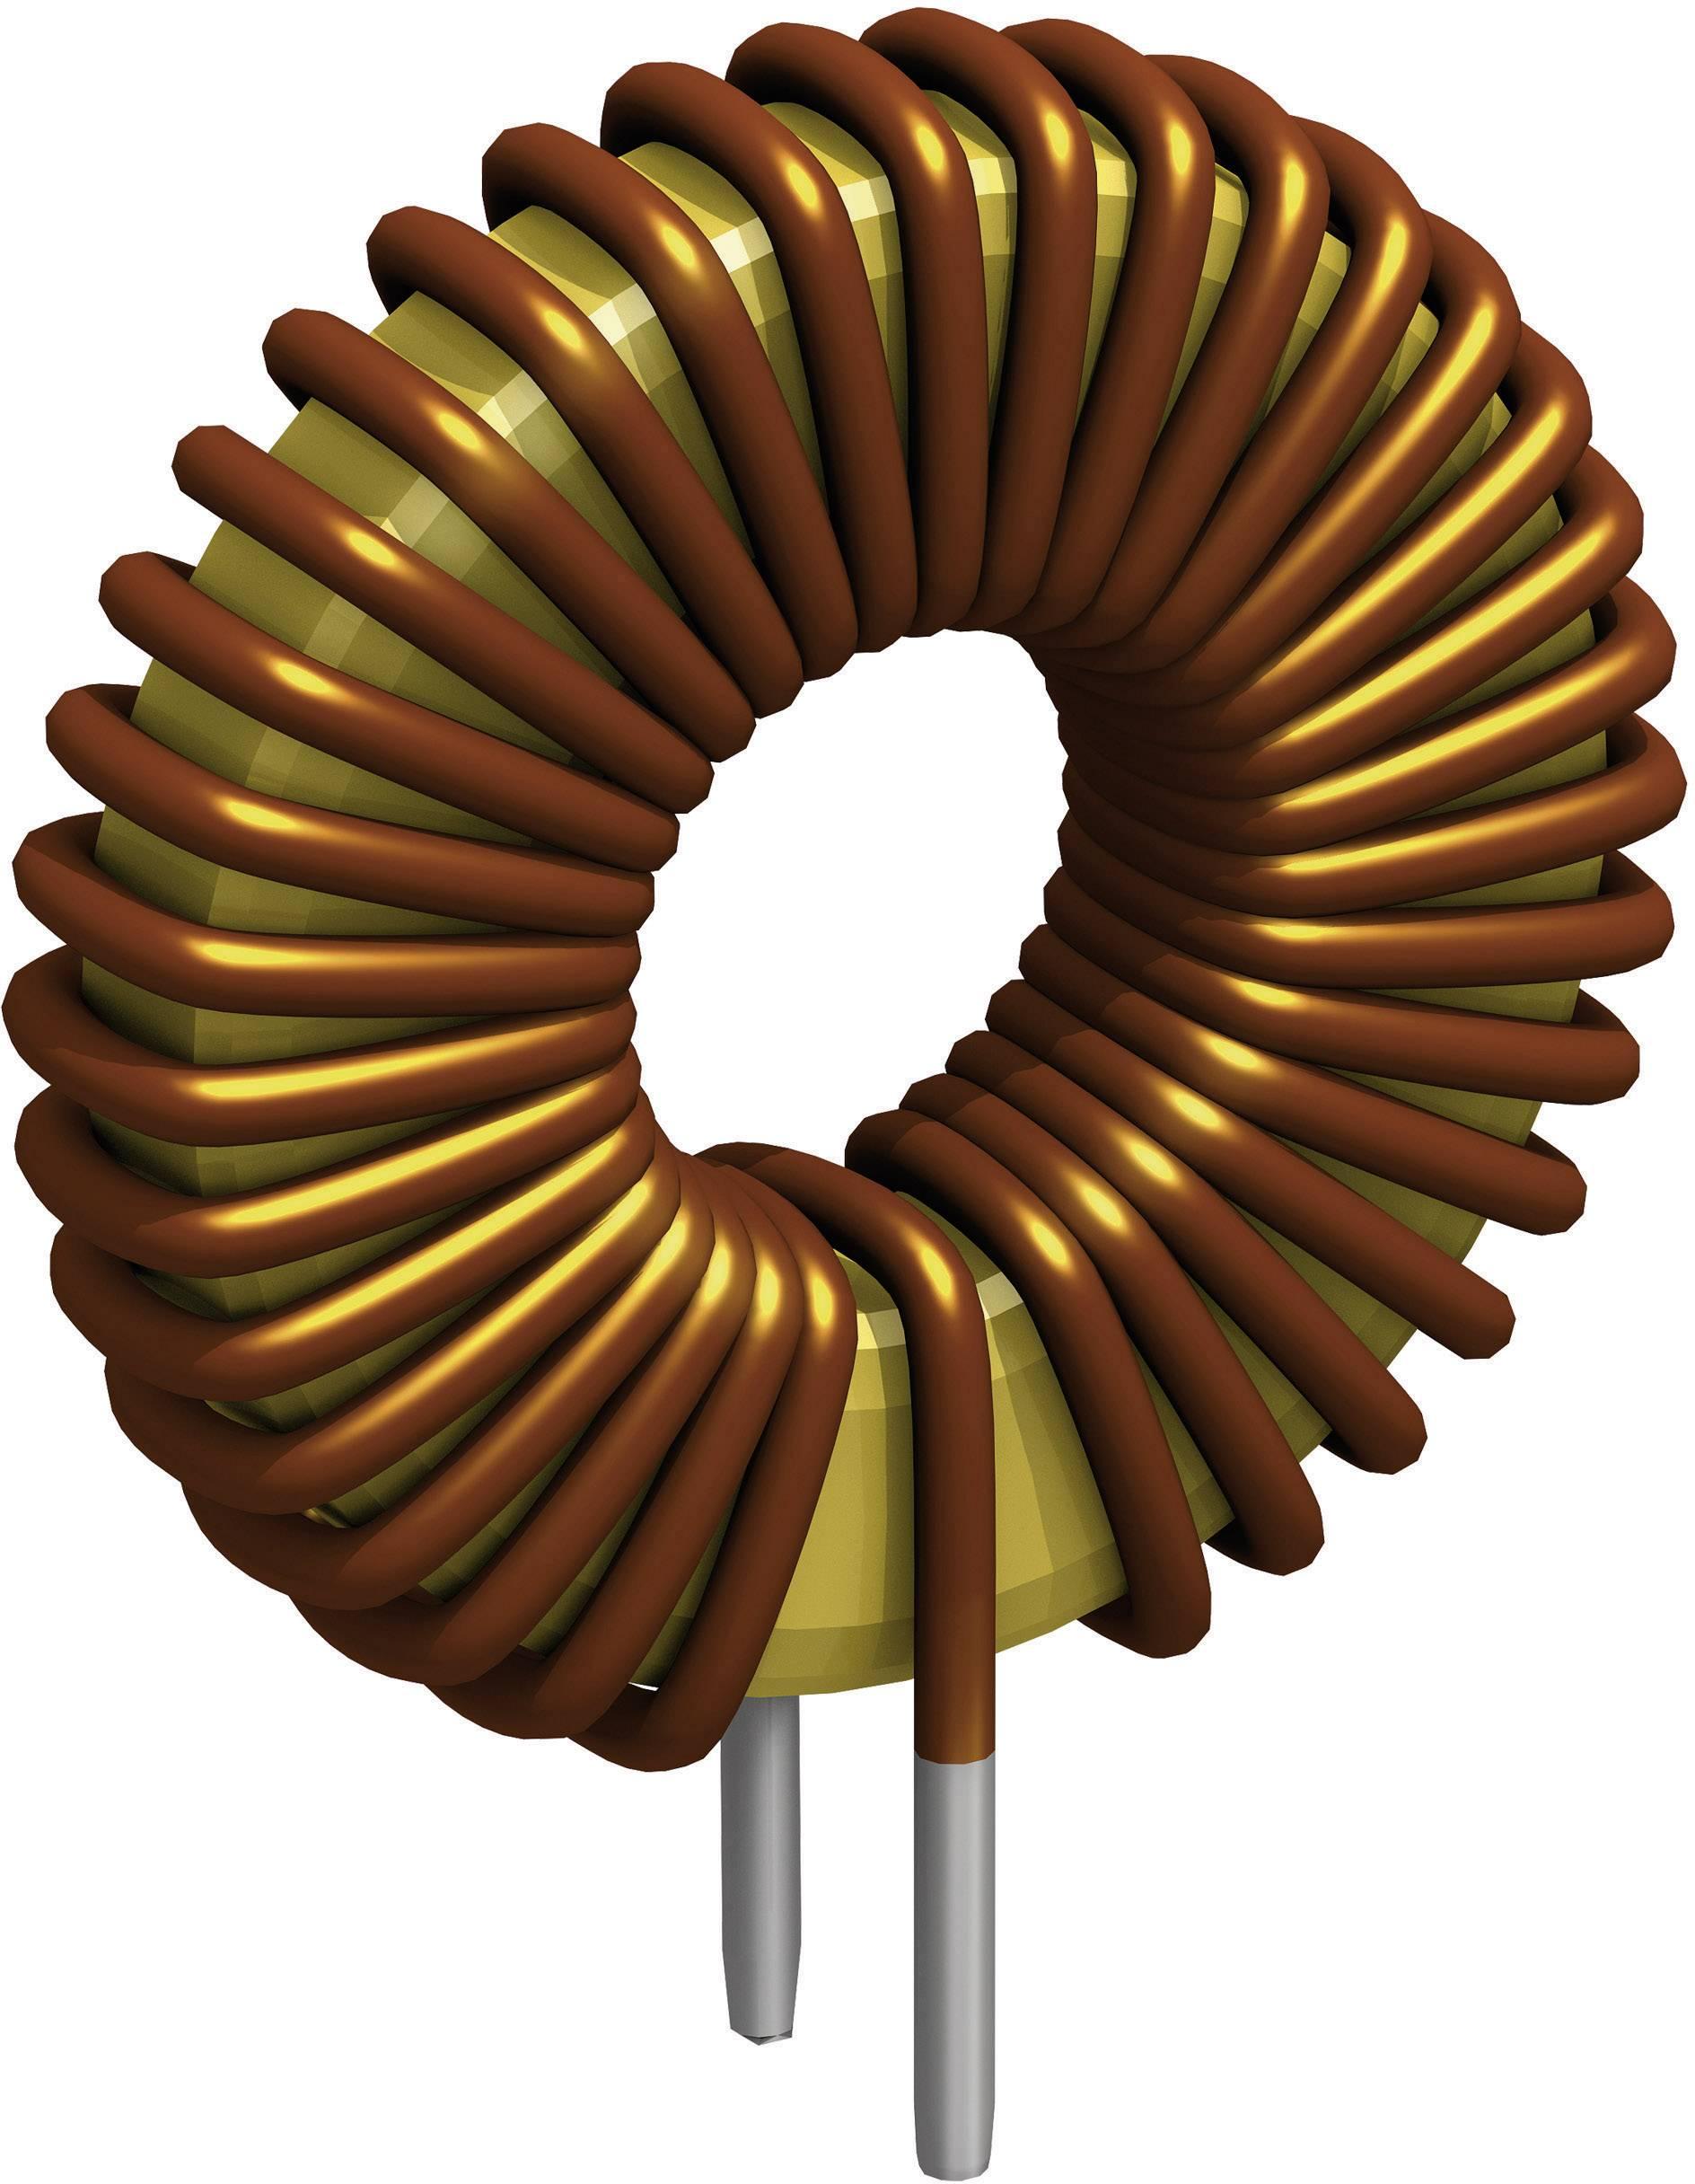 Tlmivka radiálne vývody Fastron TLC/0.5A-102M-00, 1000 µH, 0.5 A, 1 ks